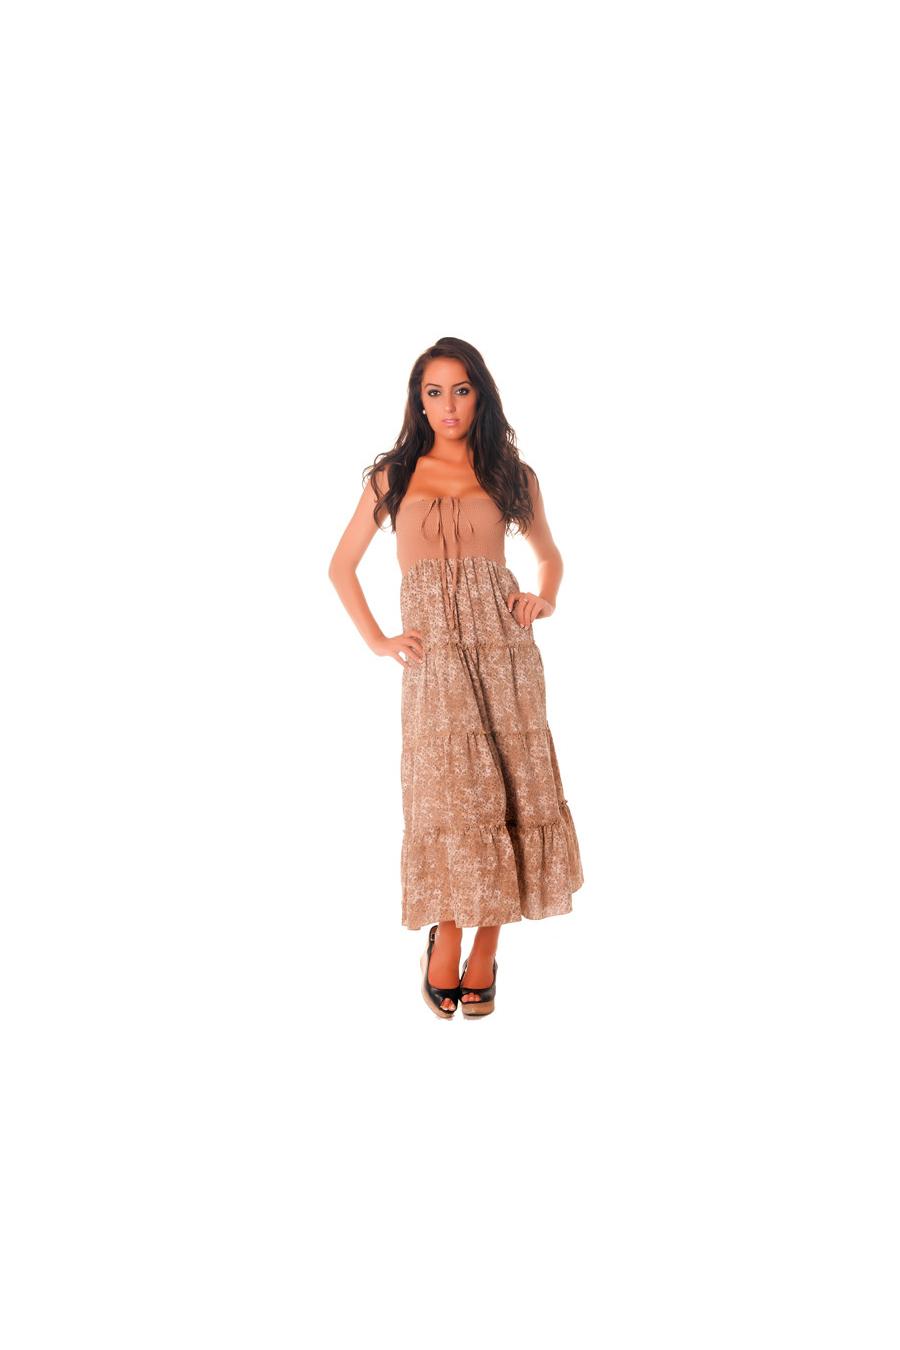 Superbe robe taupe avec des motifs en petites fleurs parfaite pour l'été. D1214